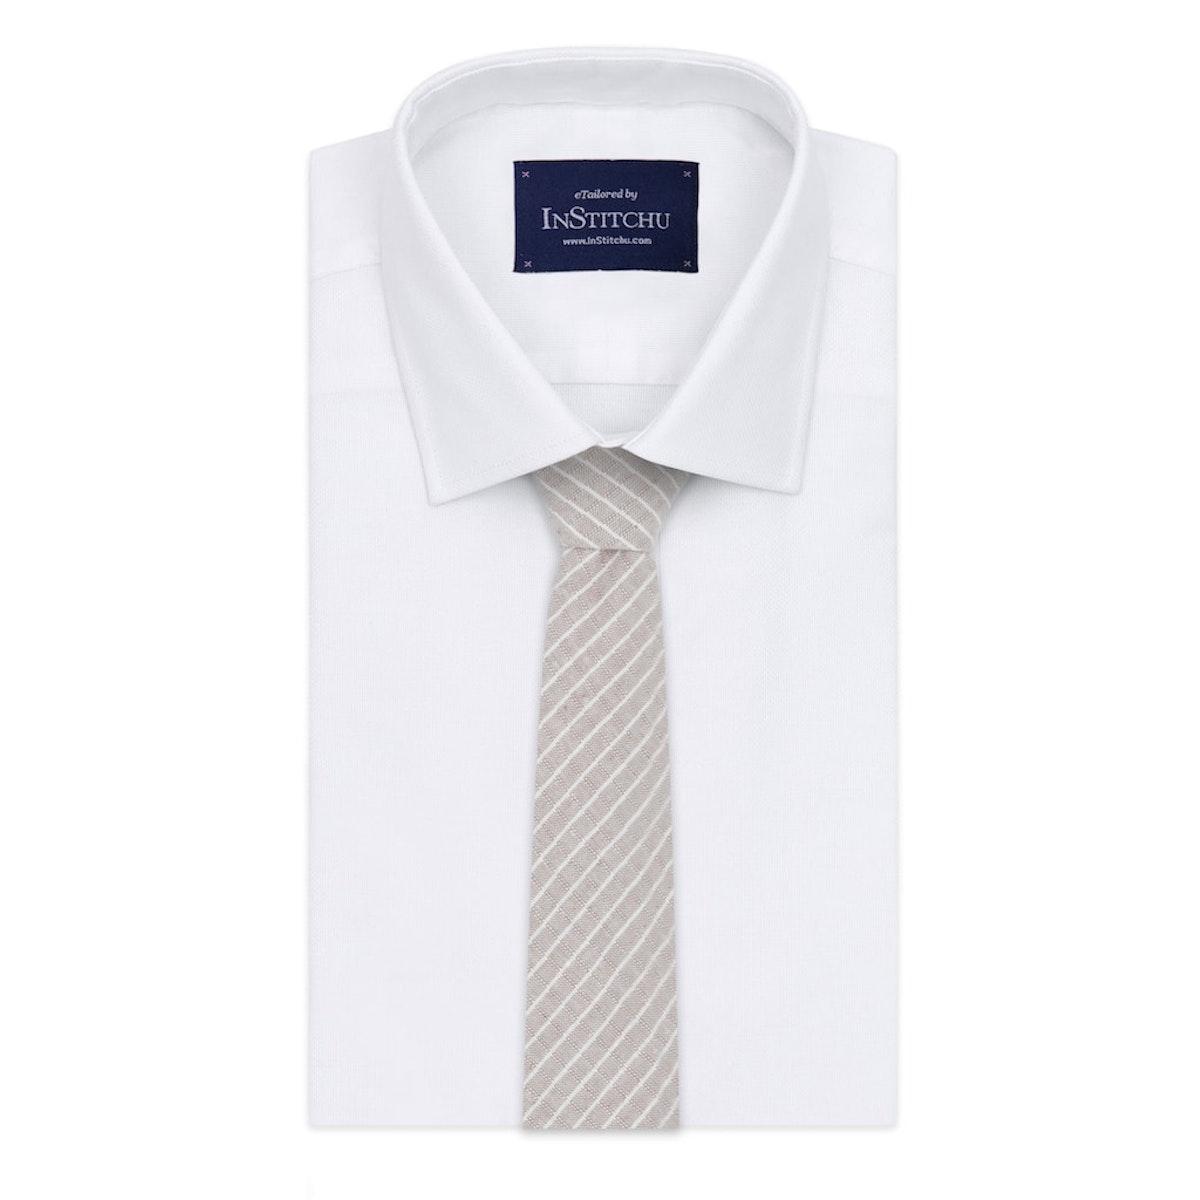 InStitchu Essentials Accessories Tie Sandy Beige and White Pinstripe Cotton Tie